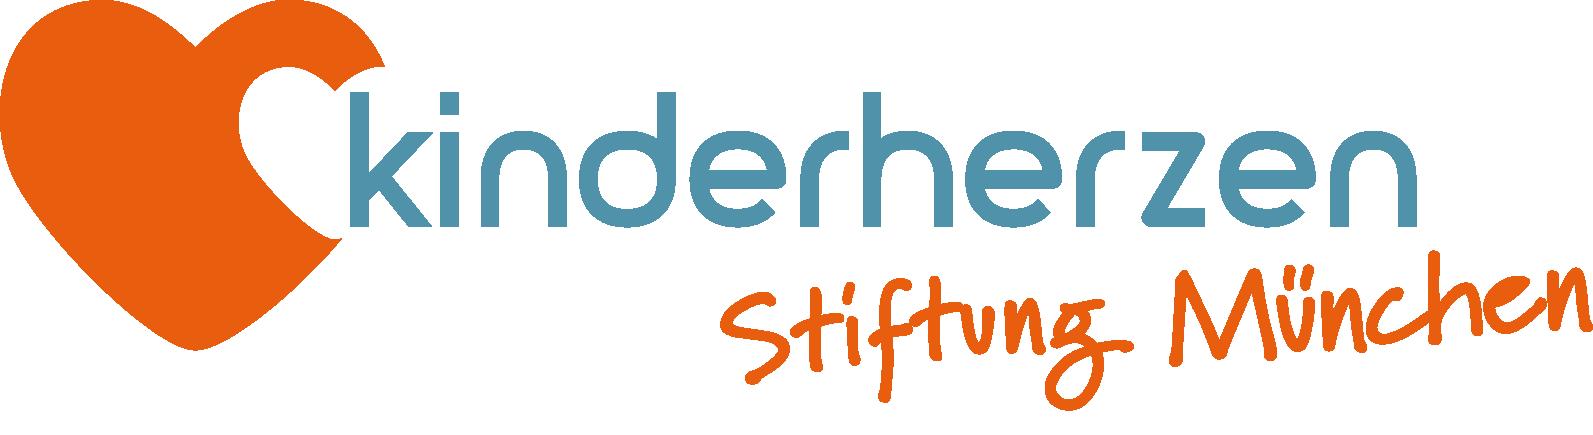 kinderherzen Stiftung München Logo